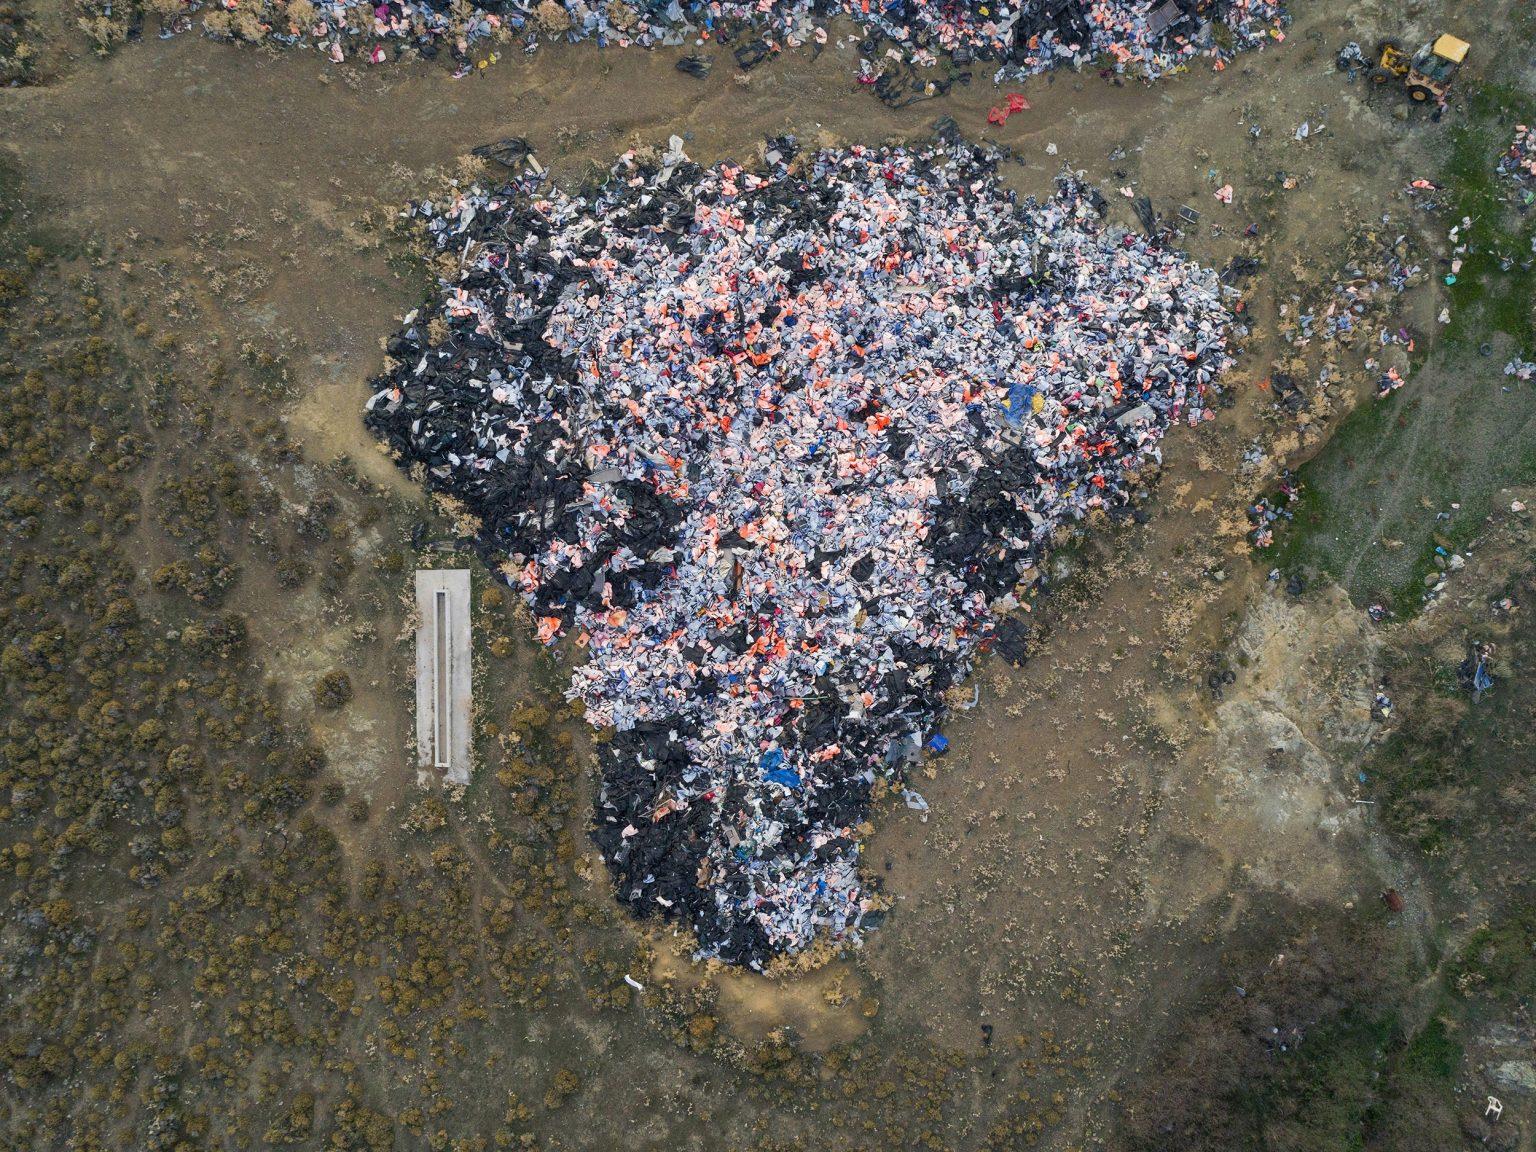 Lesbo, Grecia, 6 novembre 2018. Decine di migliaia di giubbotti salvagente utilizzati dai migranti che attraversano il mare dalla Turchia, si trovano nella discarica municipale di Molinos. La Grecia è il principale porto di ingresso per i migranti dalla Siria, Iraq e Afghanistan. Secondo l'UNHCR, il Paese è stato raggiunto via mare da circa 856.000 persone nel 2015. La maggior parte proviene dalla Turchia utilizzando gommoni non sicuri e sbarca sull'isola di Lesbo.  Lesbos, Greece, 6 November 2018. A tens of thousands of life vests utilized by migrants crossing the sea from Turkey, inside the Molinos municipal dump. Greece is the main port of entry for migrants from Syria, Iraq and Afghanistan. According to UNHCR, the country was reached by sea by about 856,000 people in 2015. Most come from Turkey using unsafe dinghys and land on the island of Lesvos.